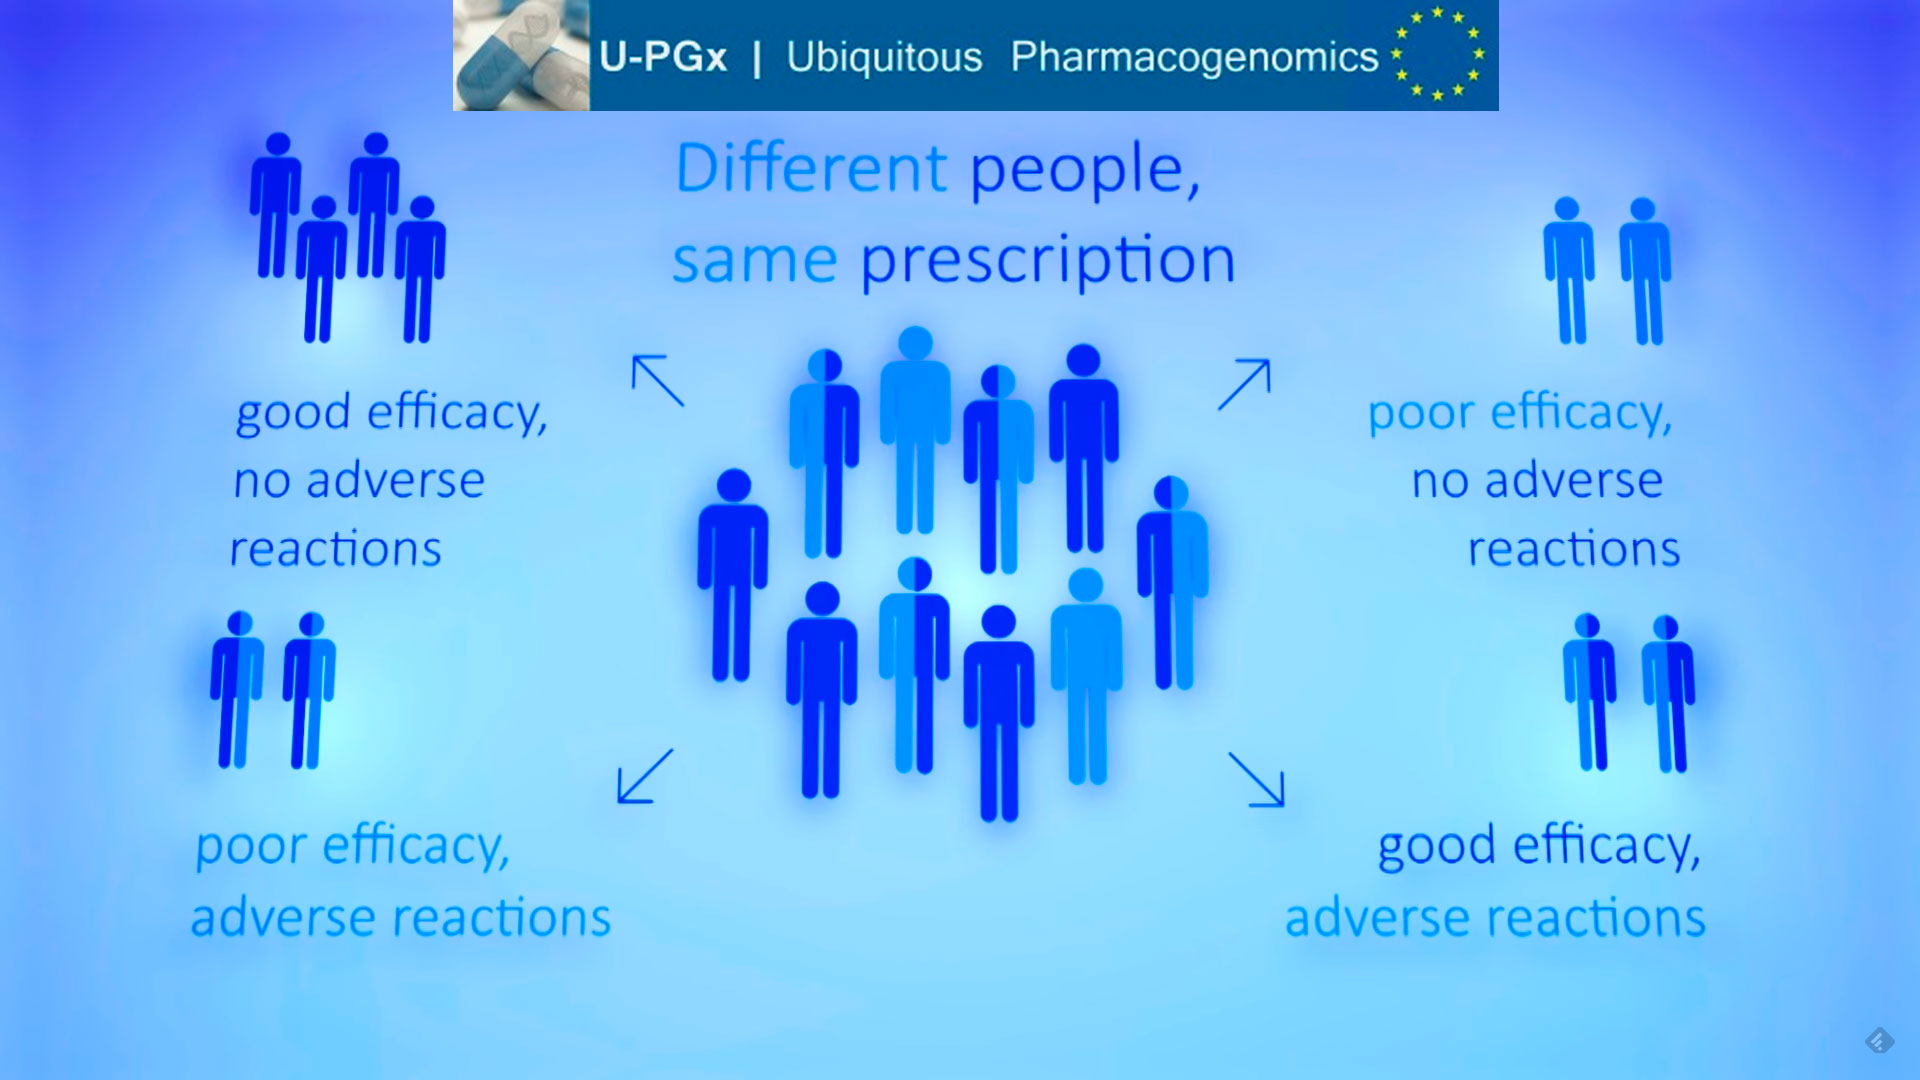 El ibs.GRANADA participa en un puntero proyecto europeo sobre medicina personalizada